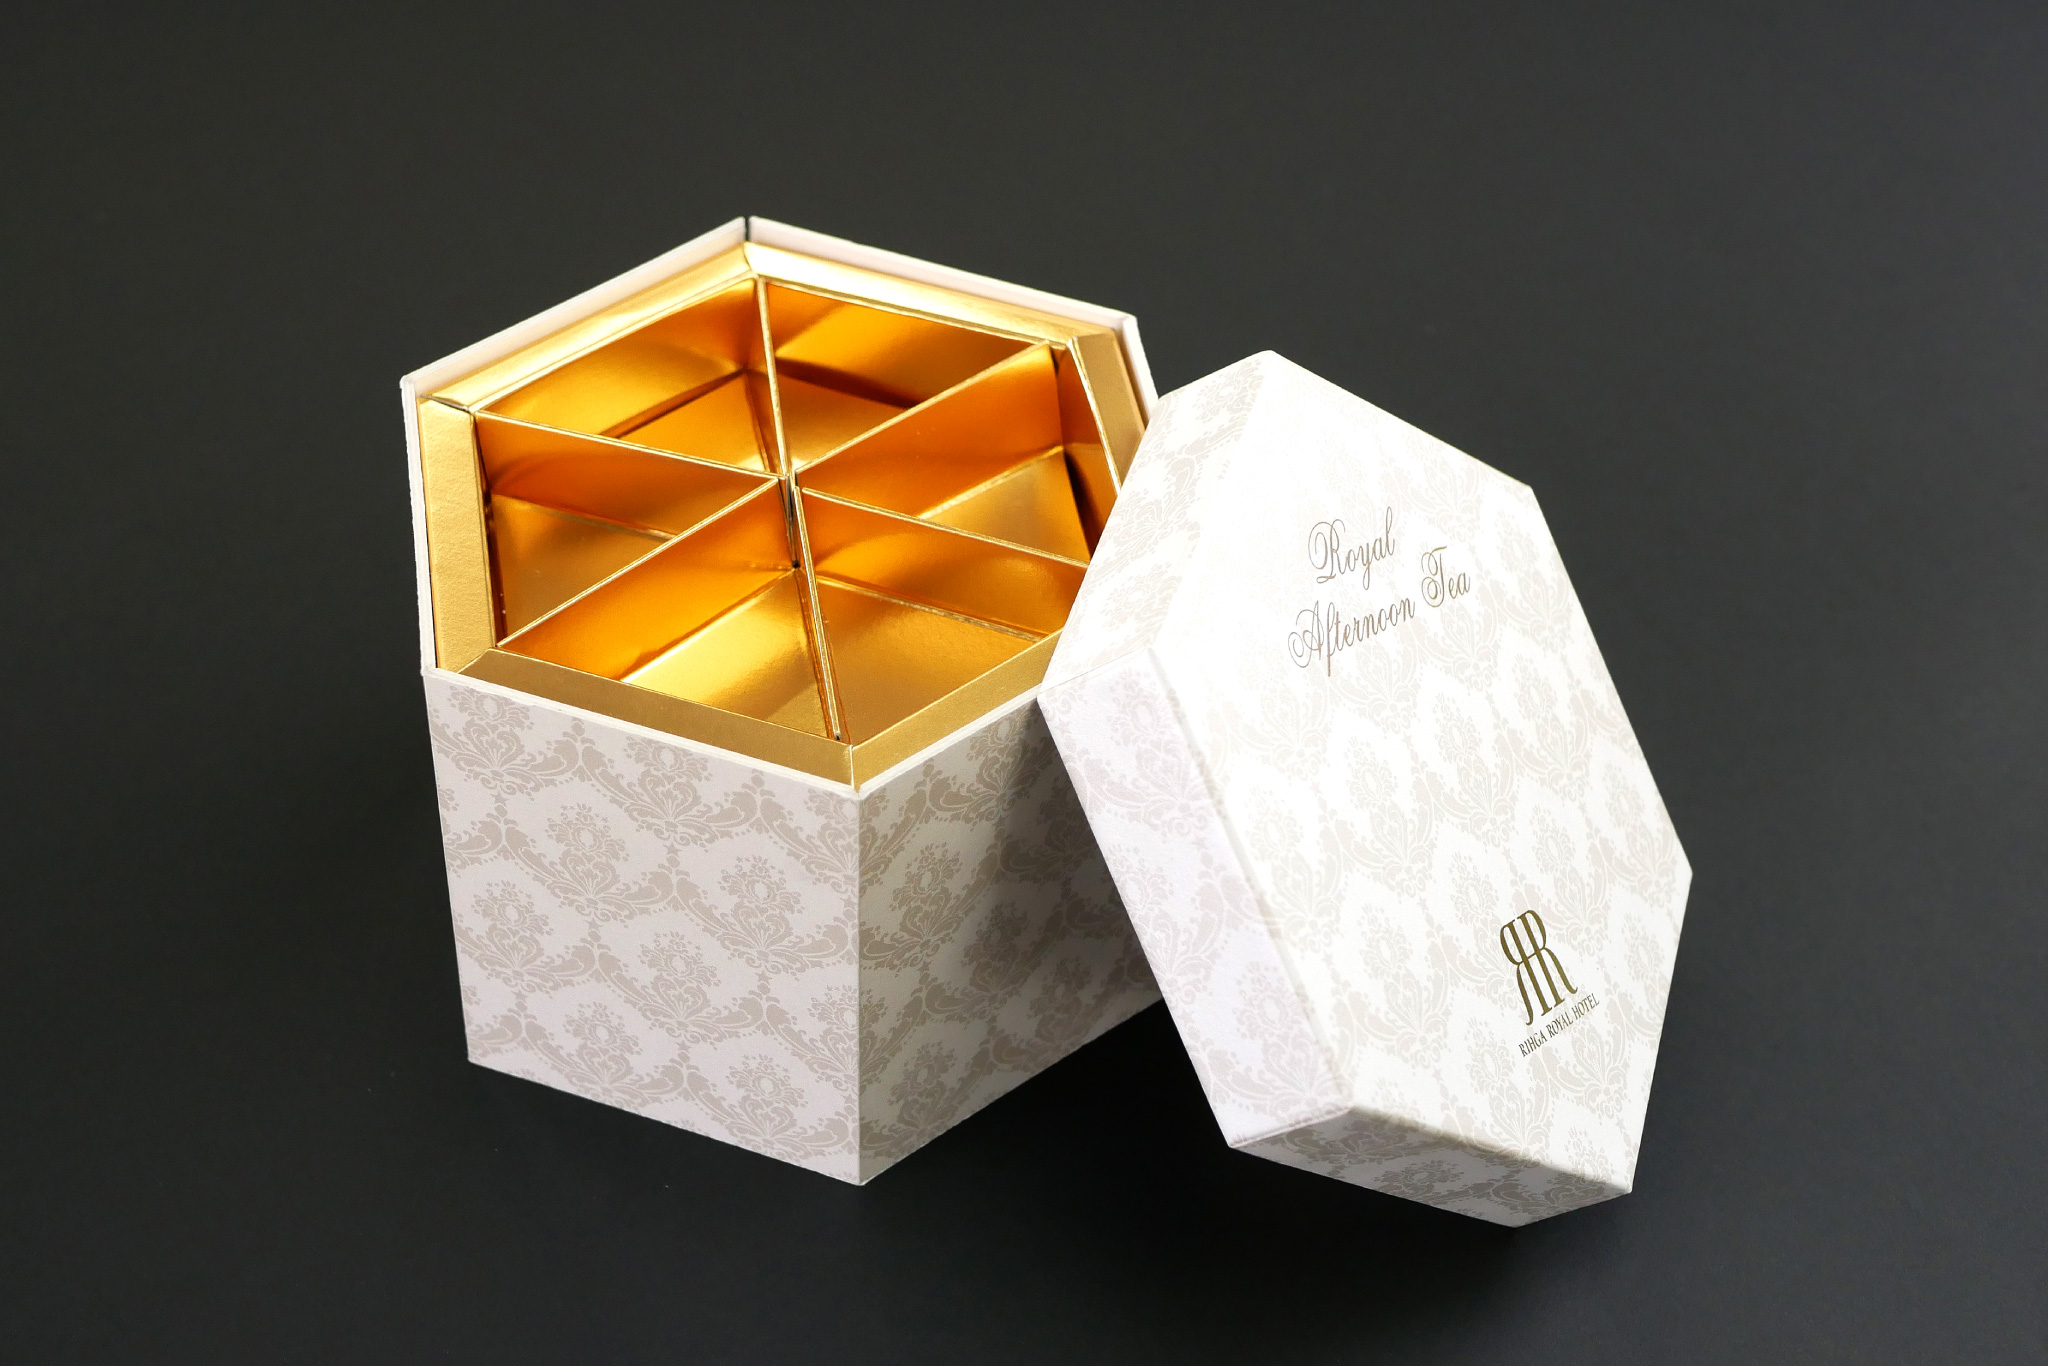 リーガロイヤルホテル様 ロイヤルアフタヌーンティボックスのパッケージ画像